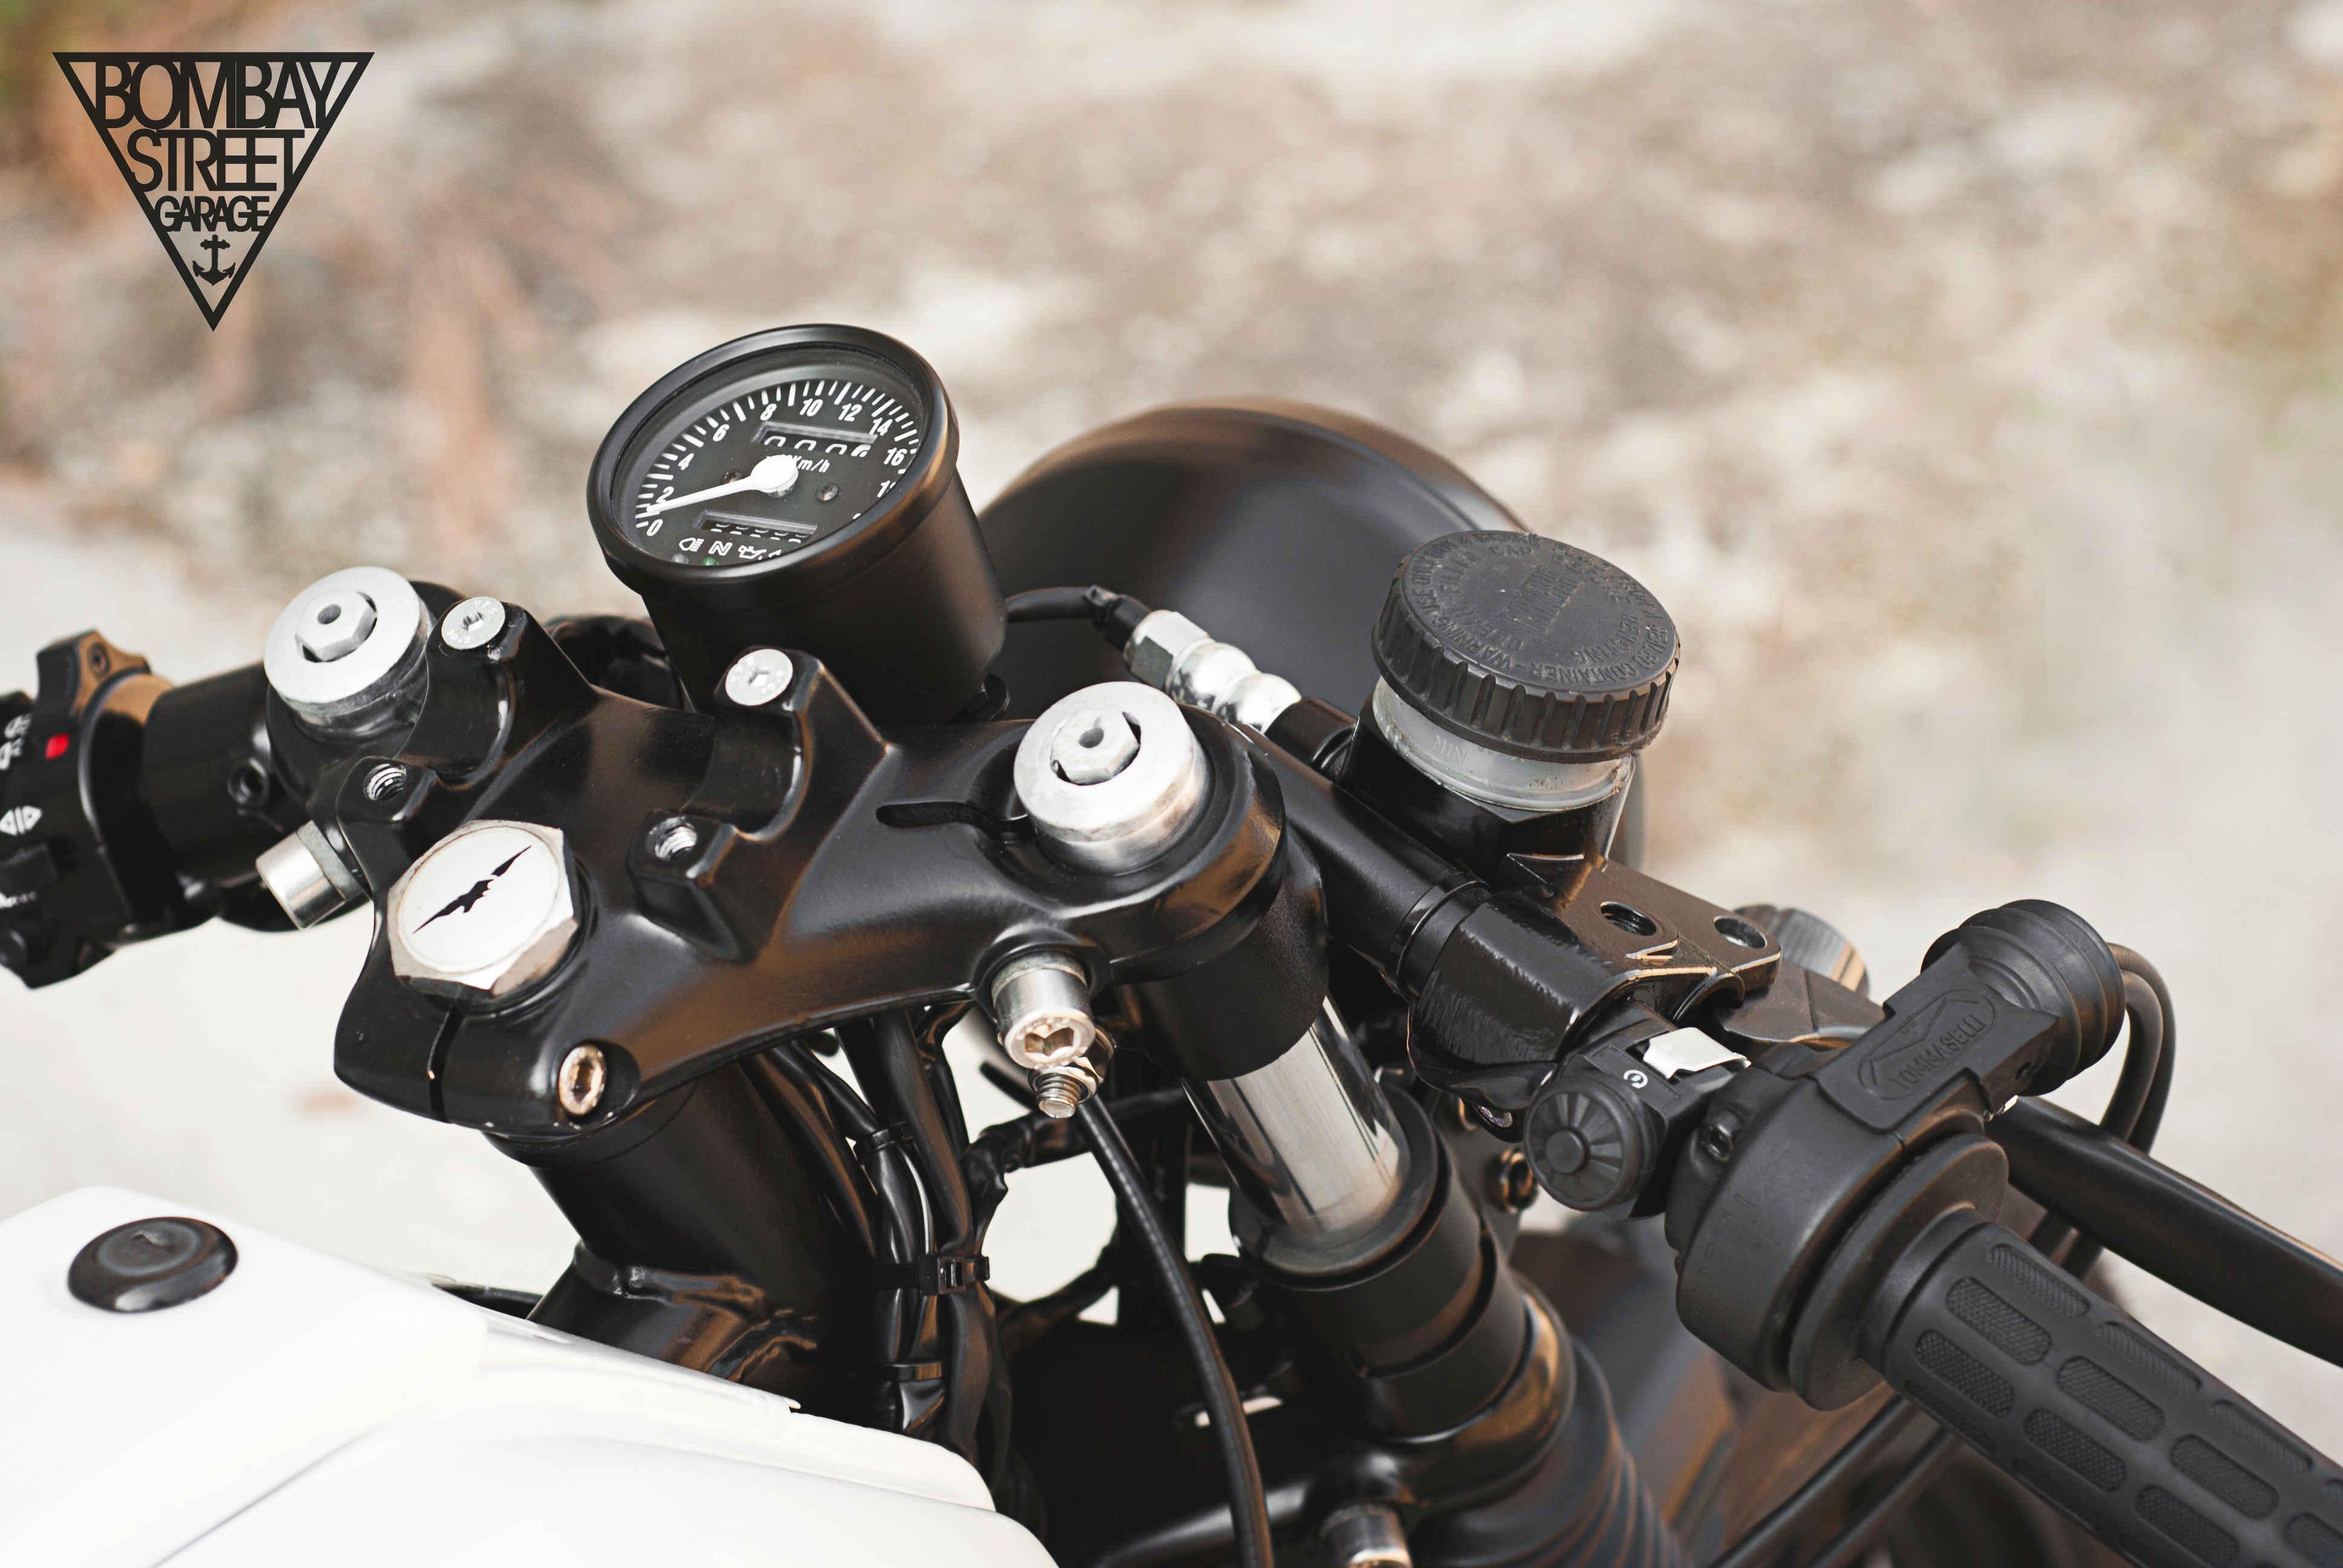 Moto Guzzi V35 Bombay Garage 2